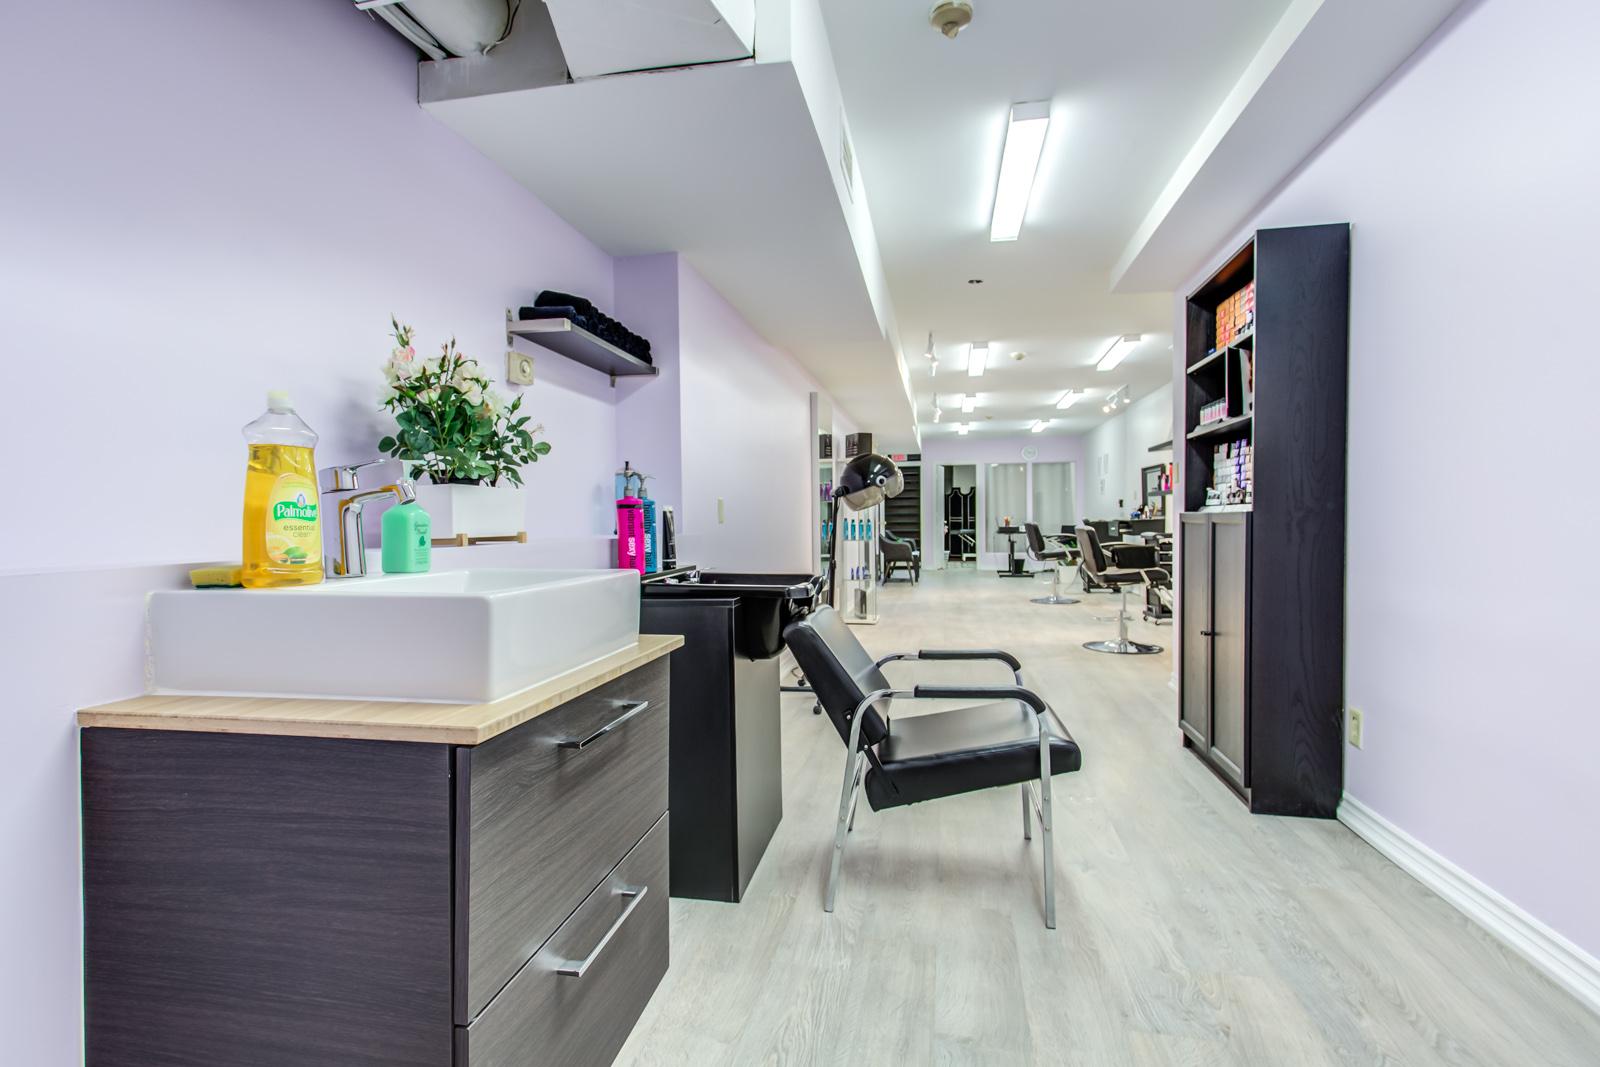 Sink and shampoo station